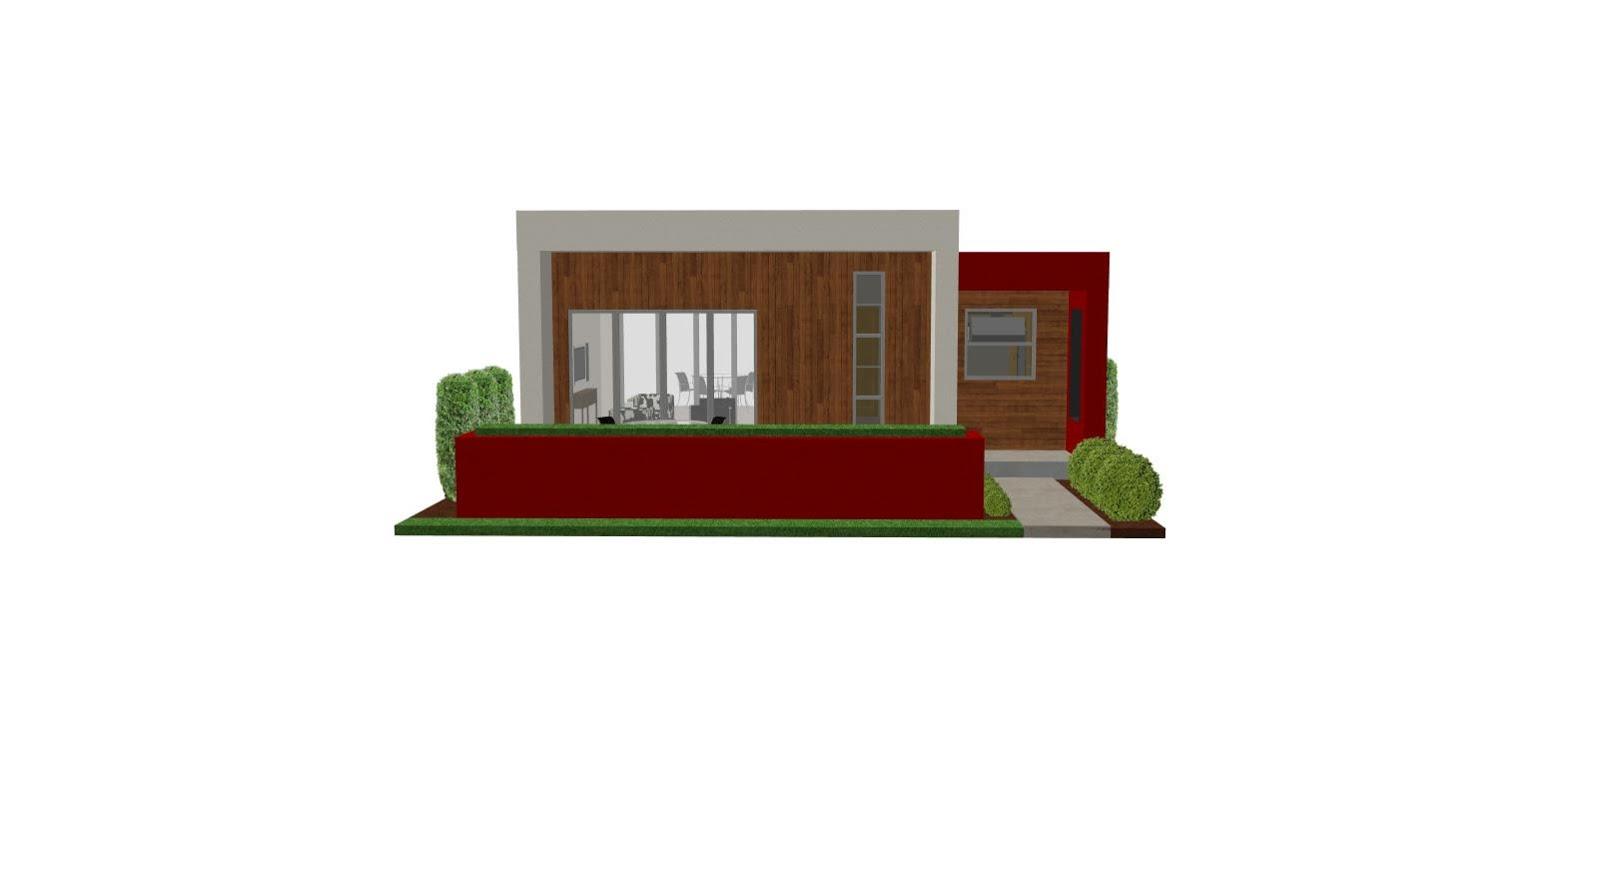 Planos de casa de 6x20 planos de casas for Planos de casas 6x20